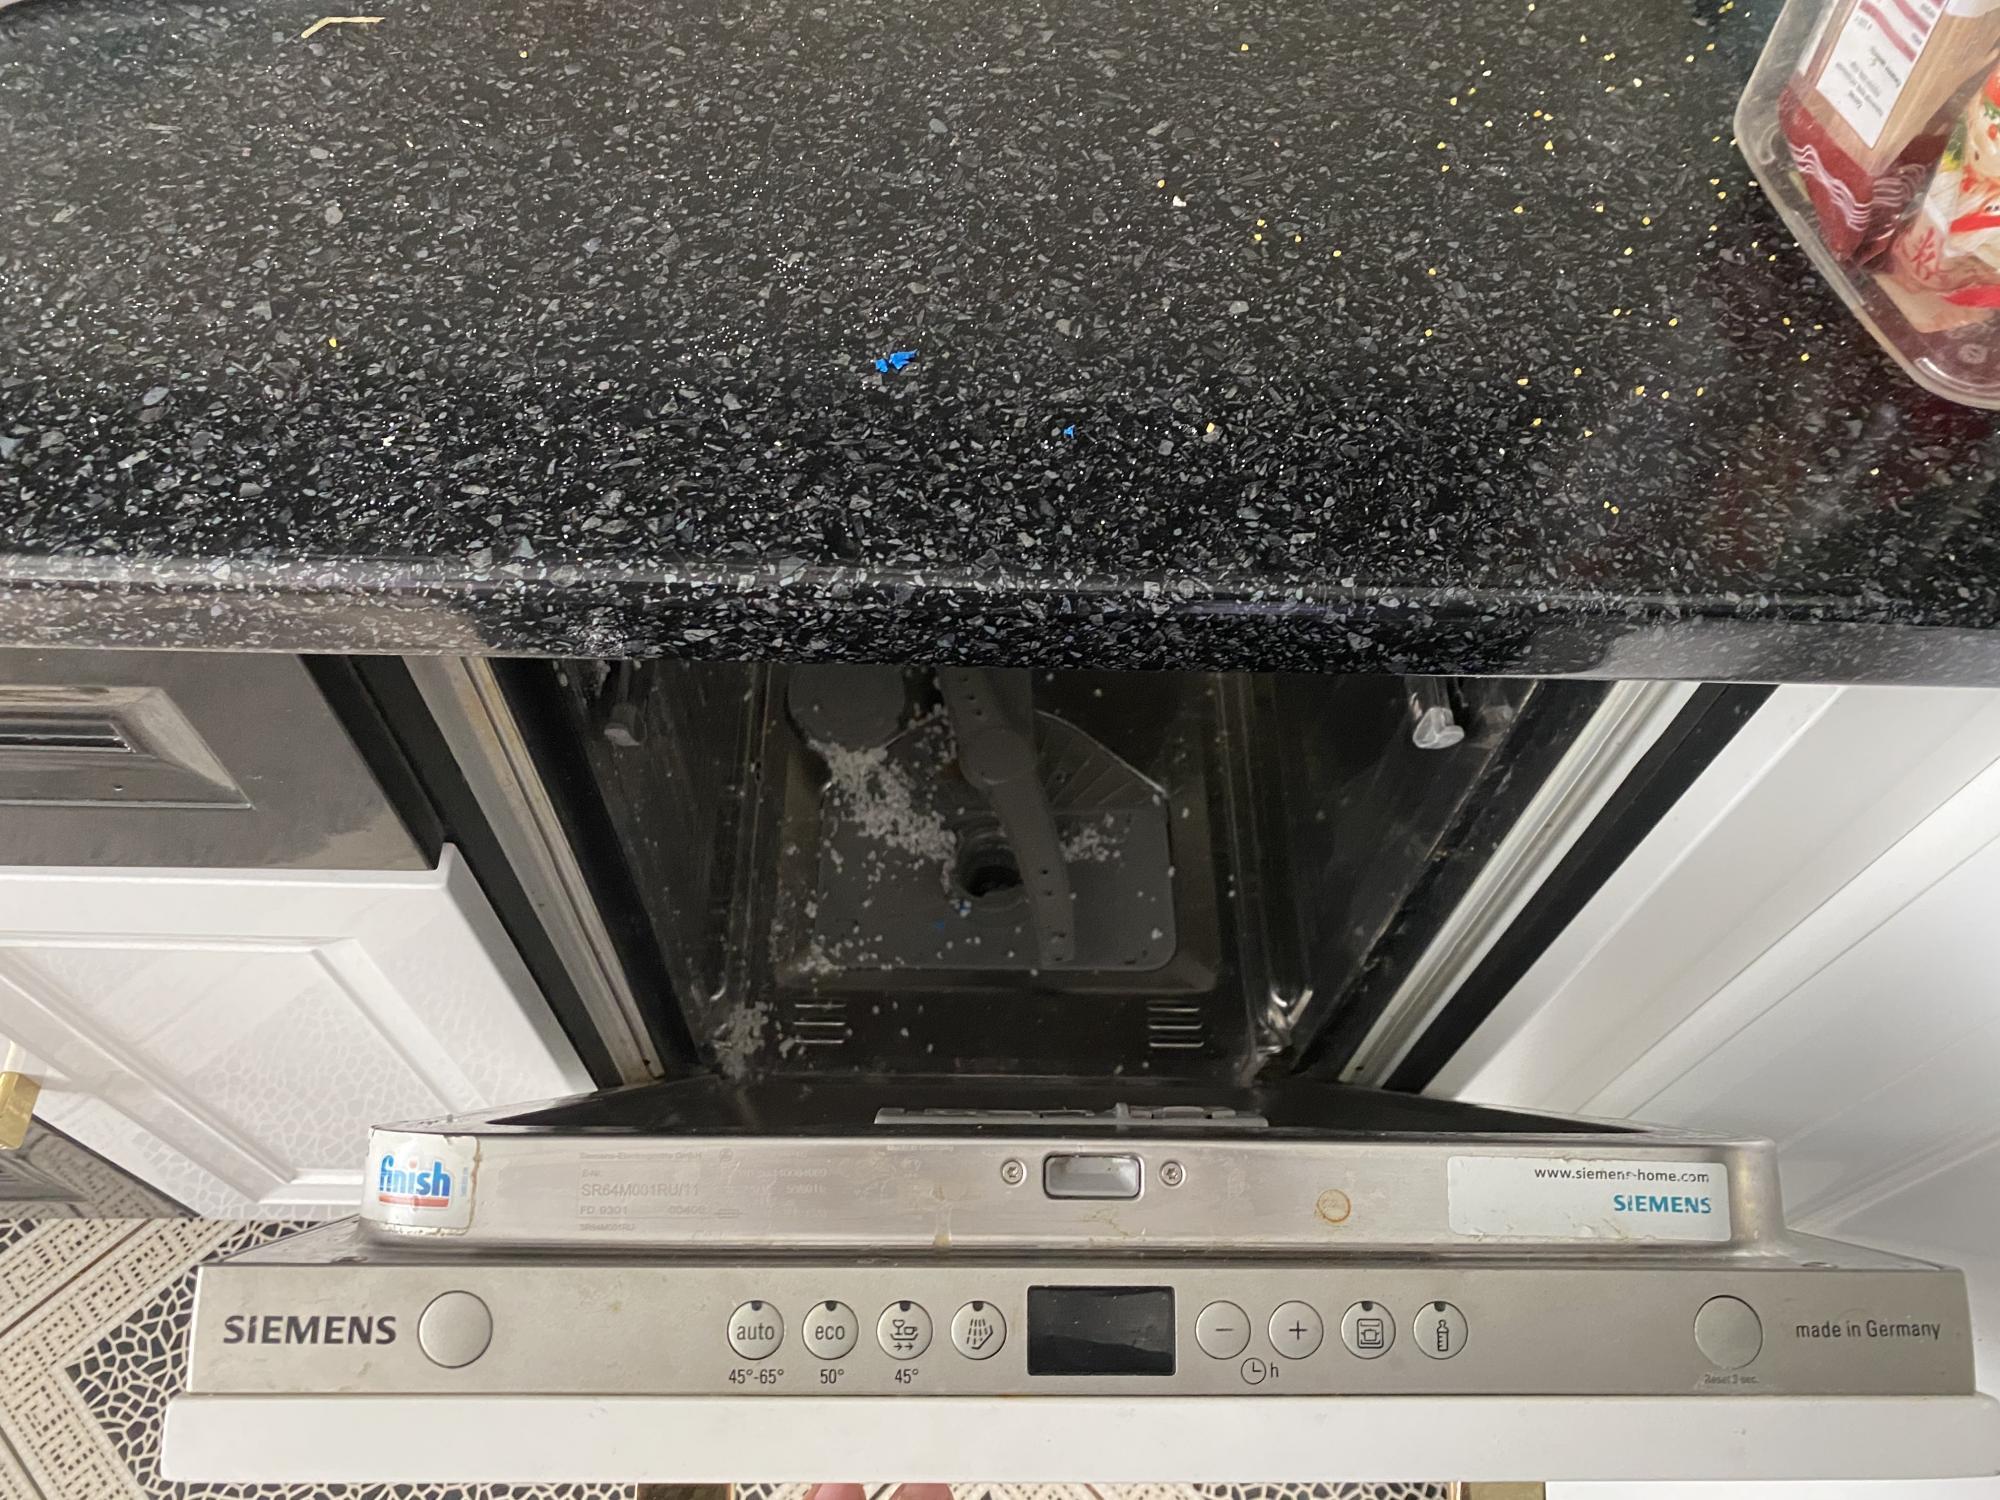 Посудомойка SIEMENS в Химках 89261611395 купить 1